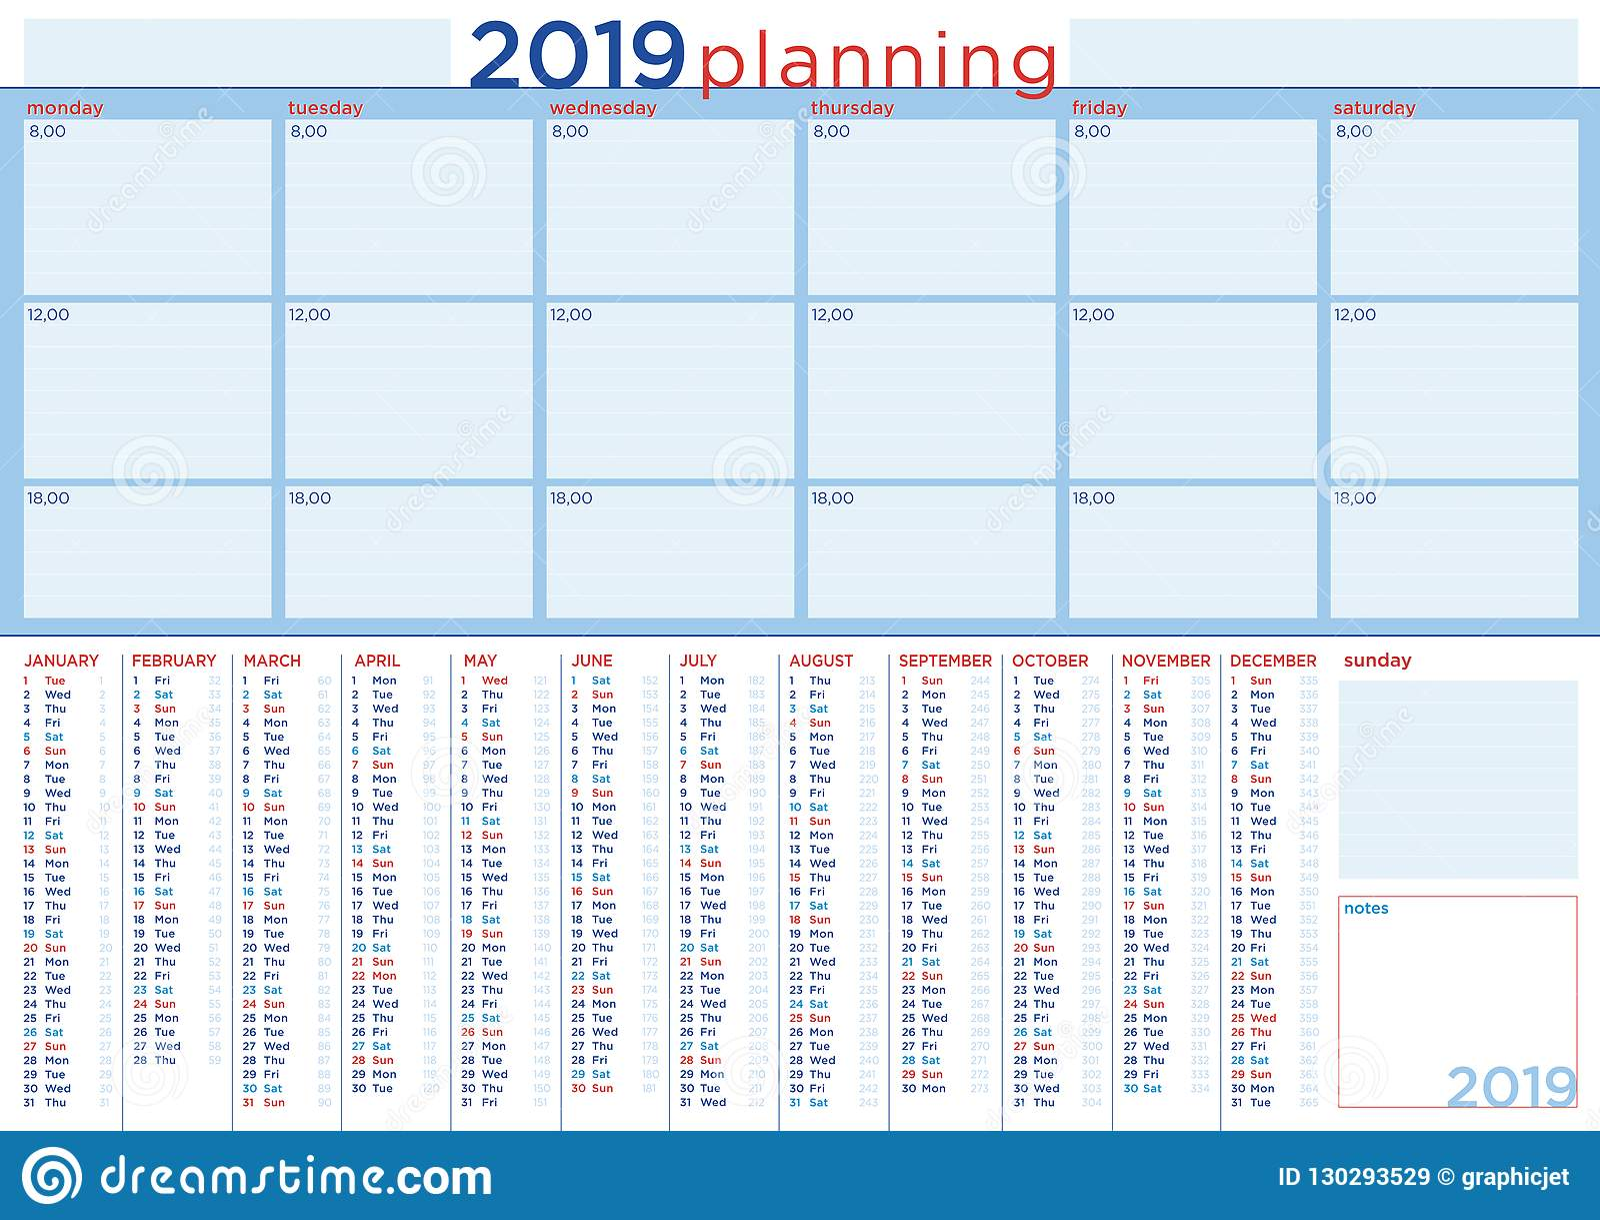 Calendario Diario 2019.Planeamiento 2019 Con El Calendario Y El Horario Diario